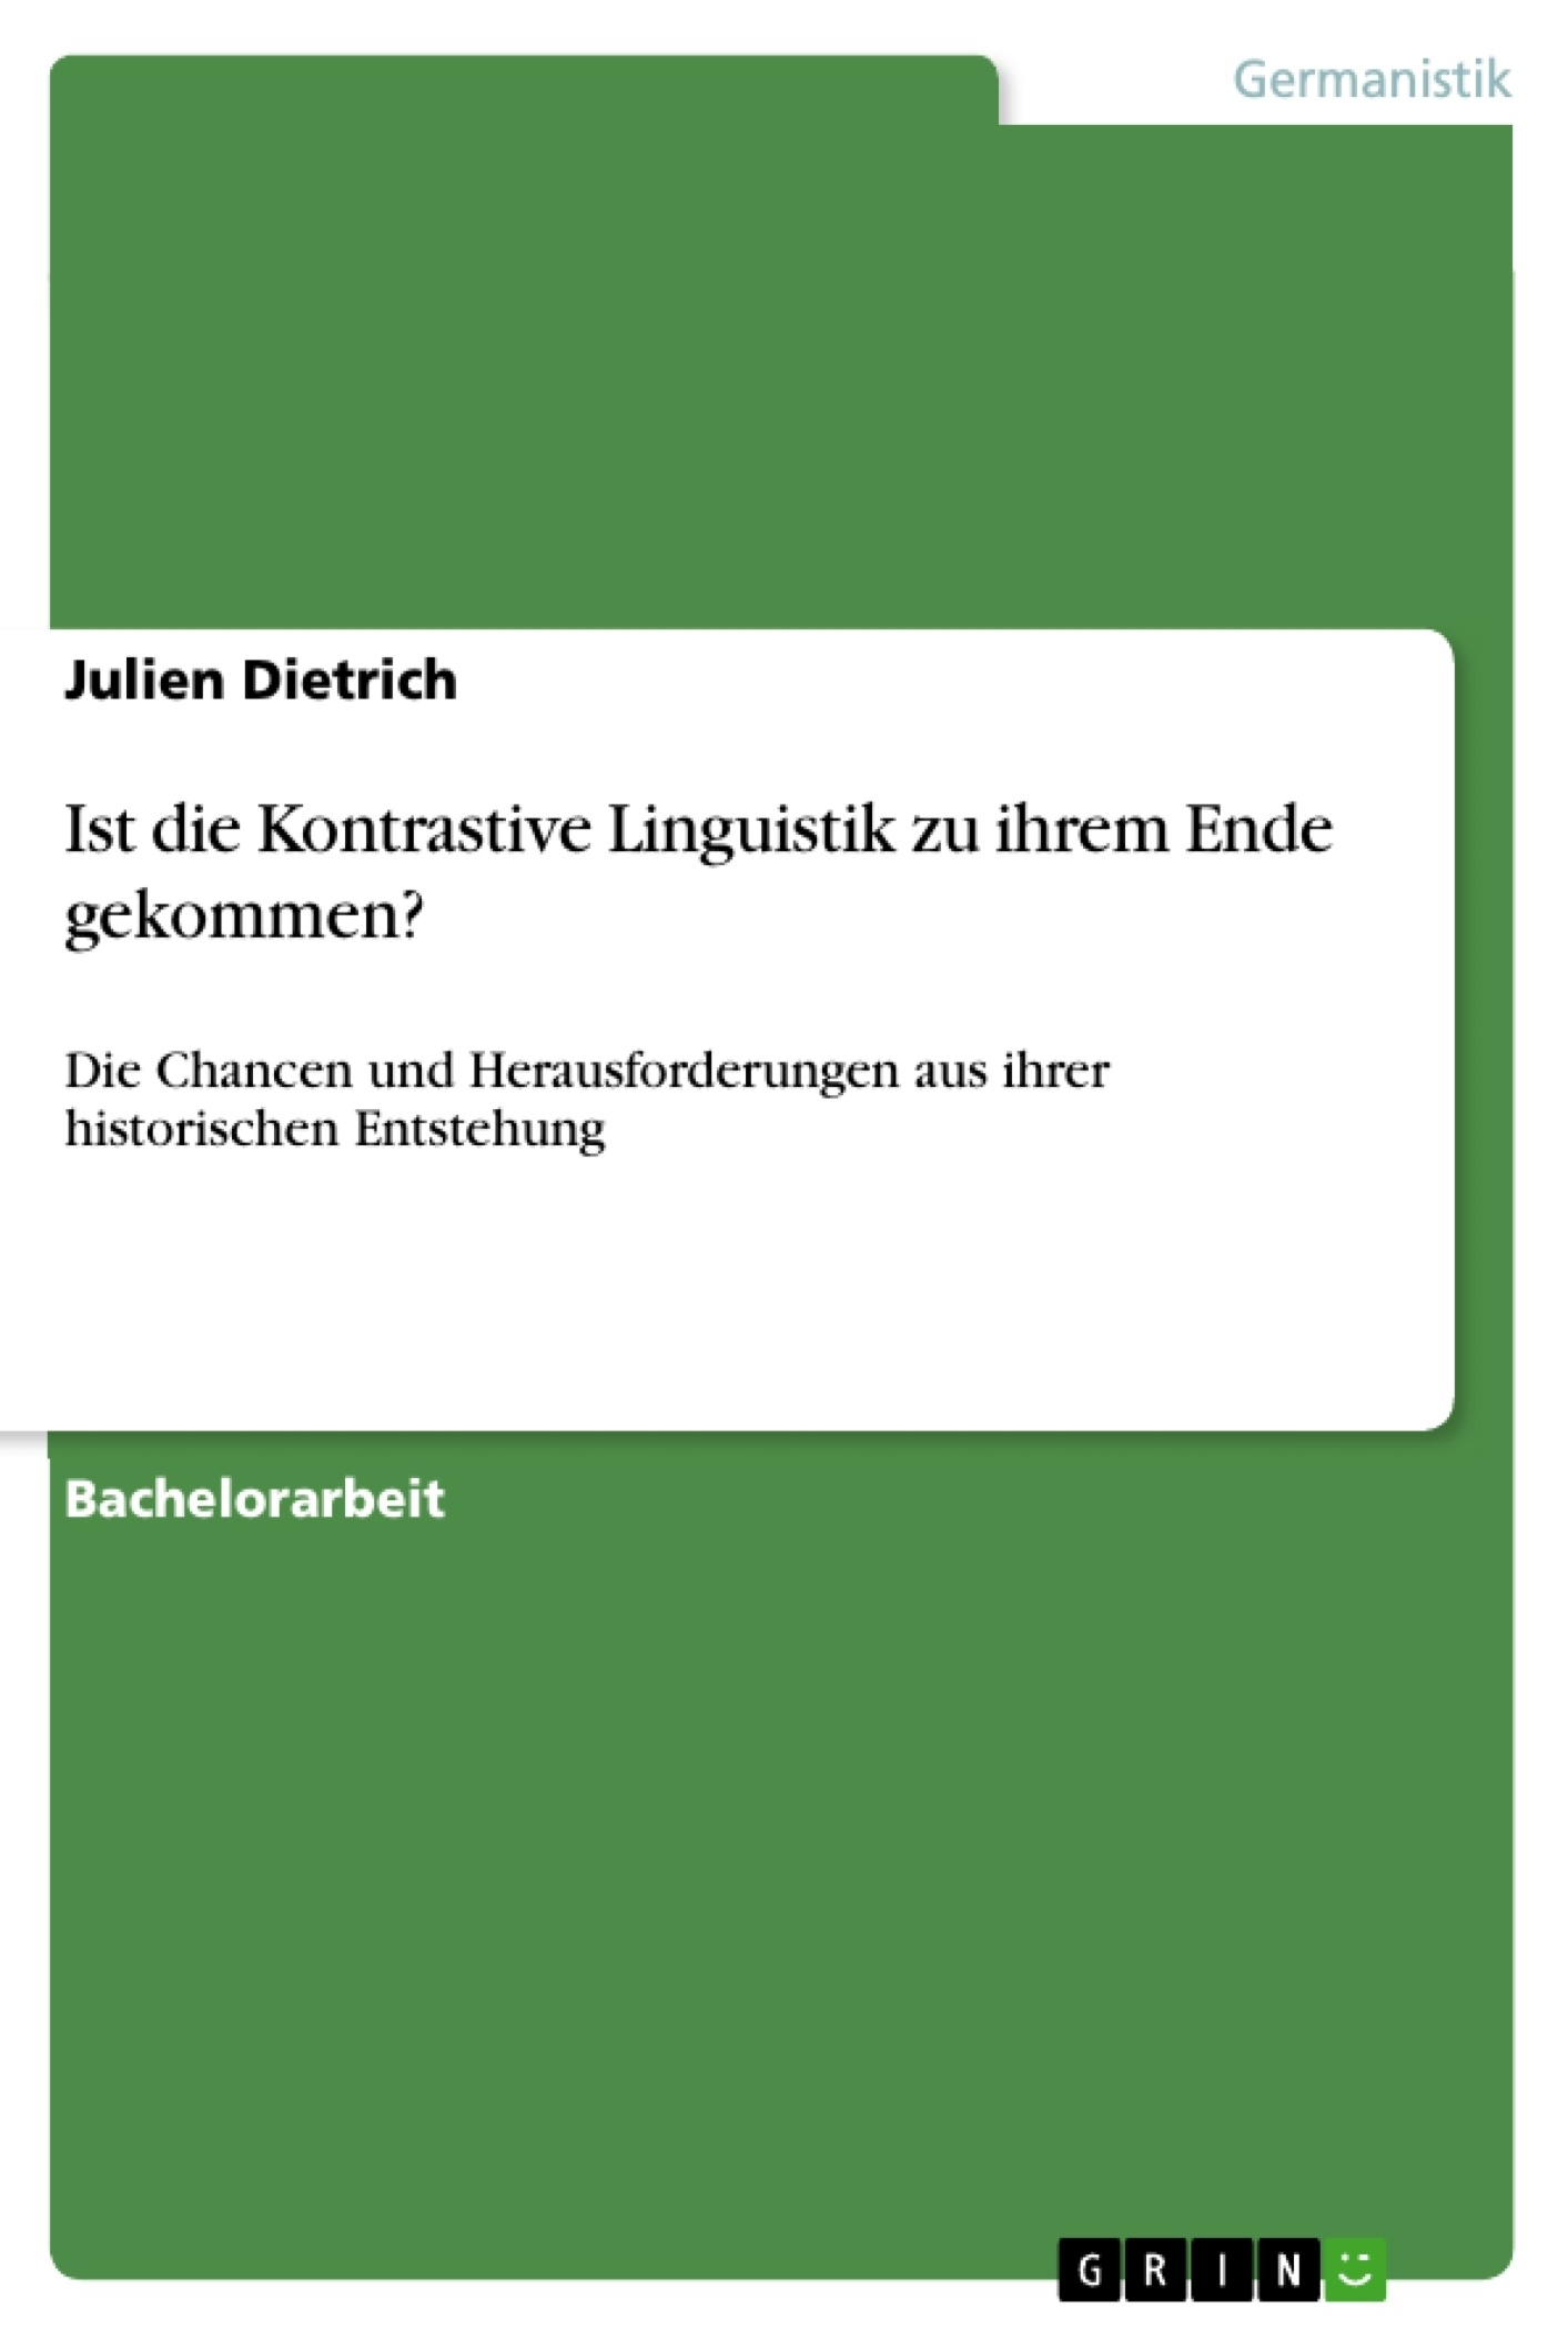 Titel: Ist die Kontrastive Linguistik zu ihrem Ende gekommen?